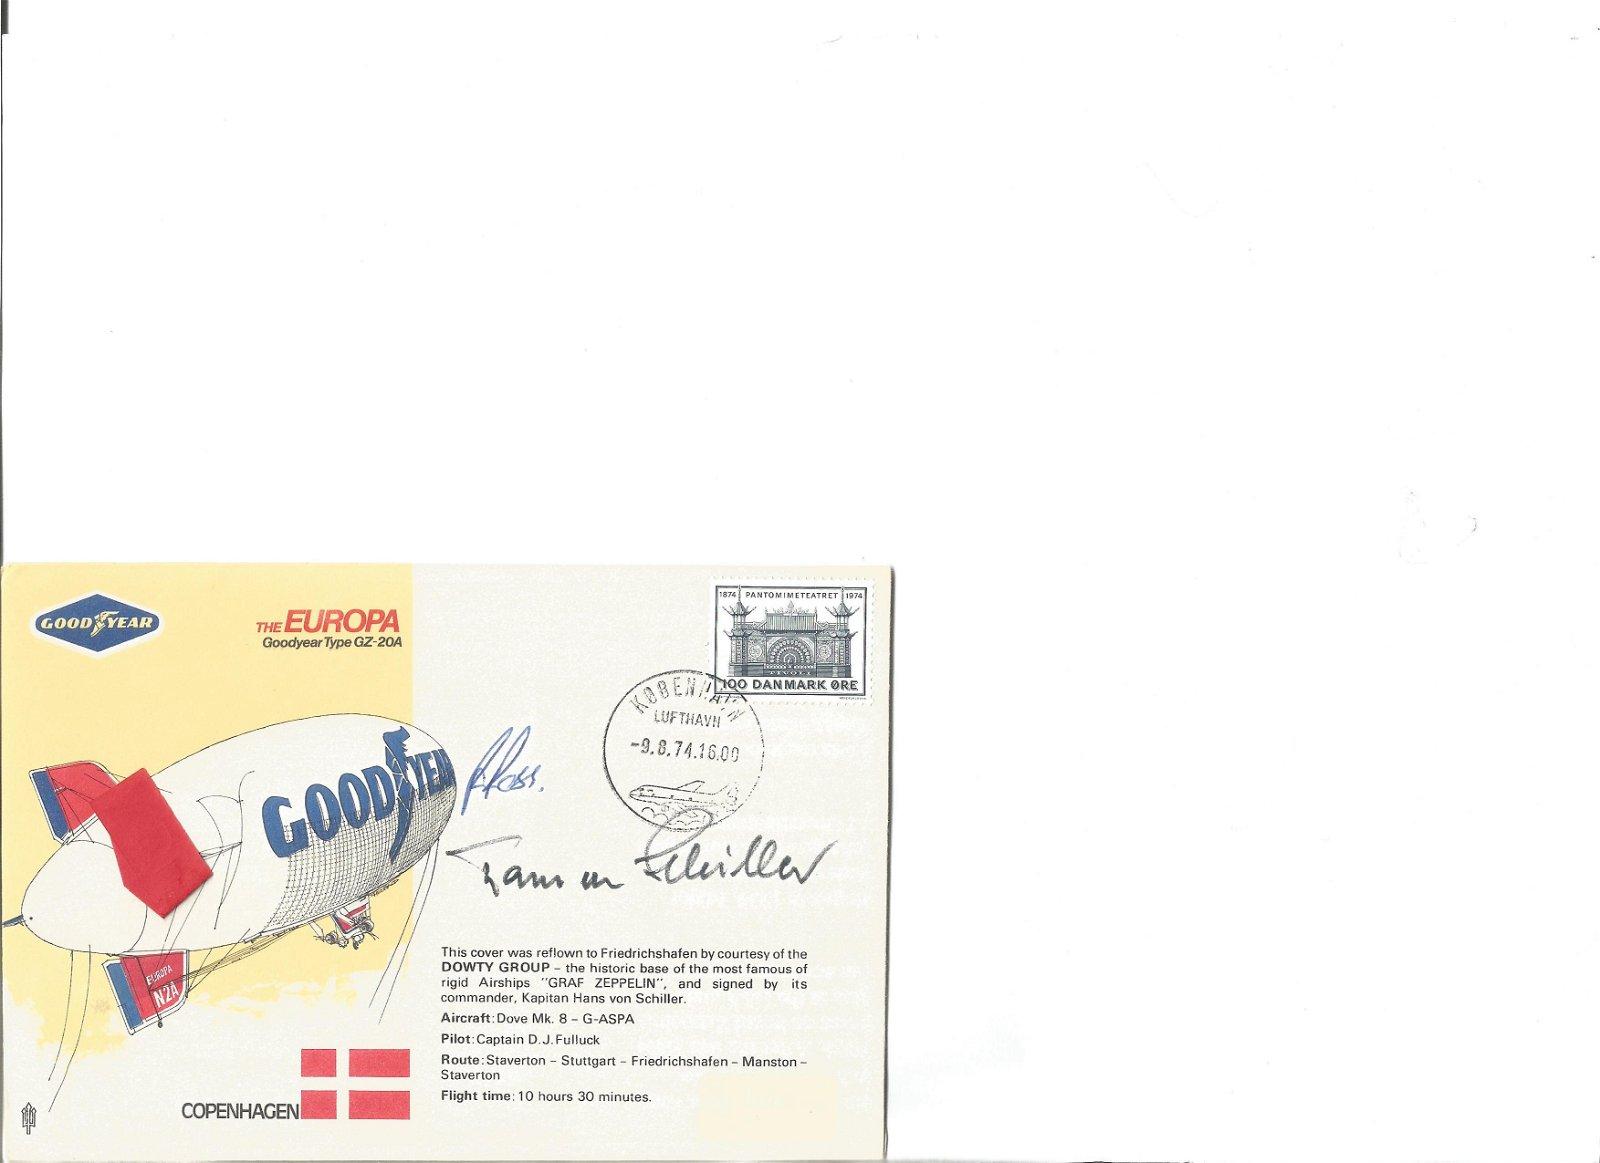 Zeppelin ace Hans Von Schiller signed Europa Airship